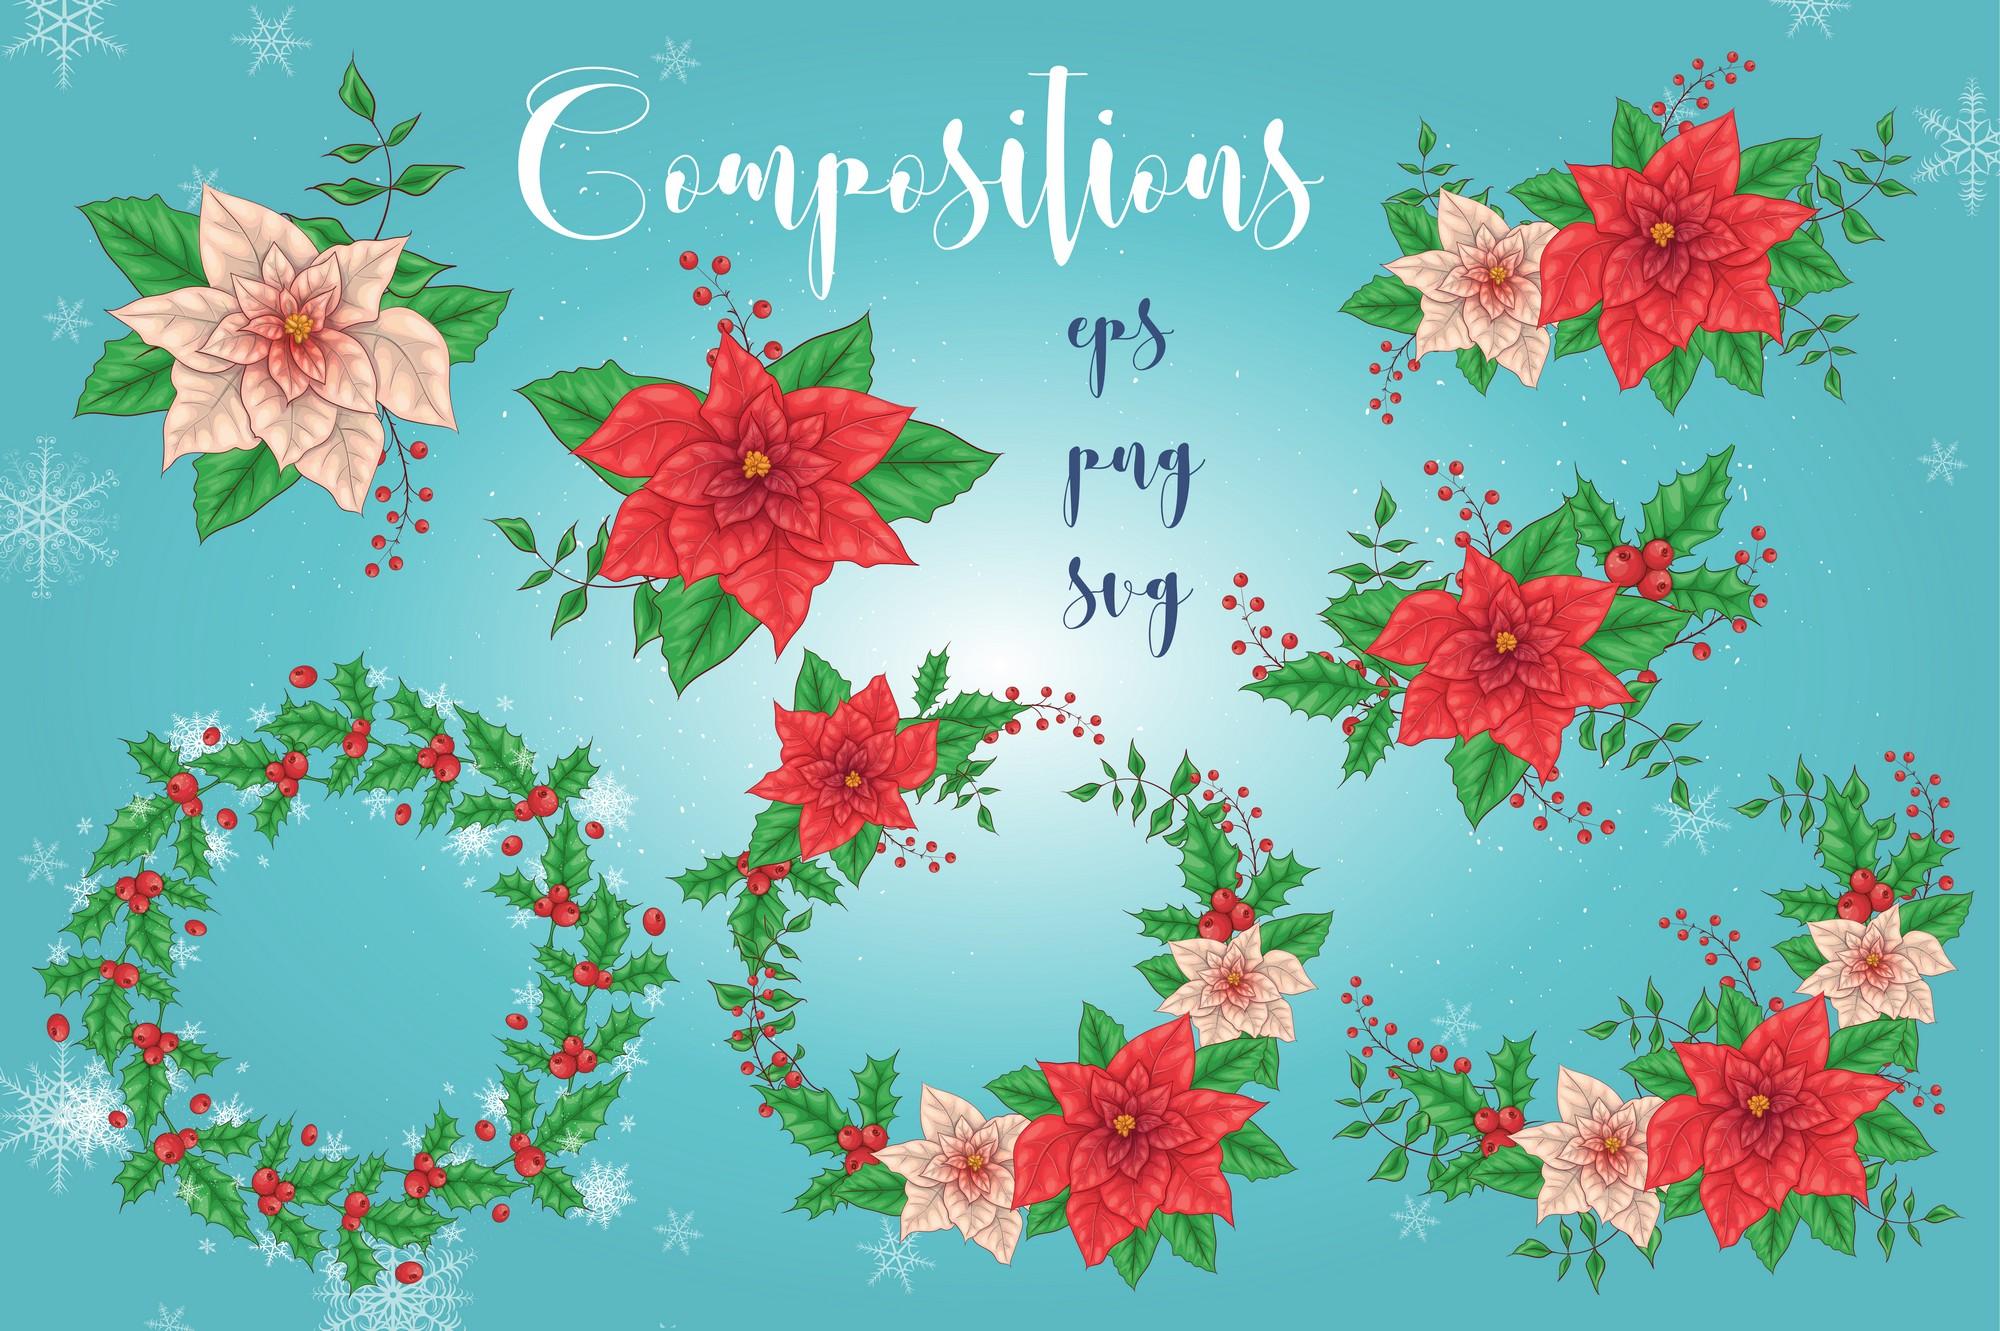 Merry Christmas Graphics Bundle - Image00004